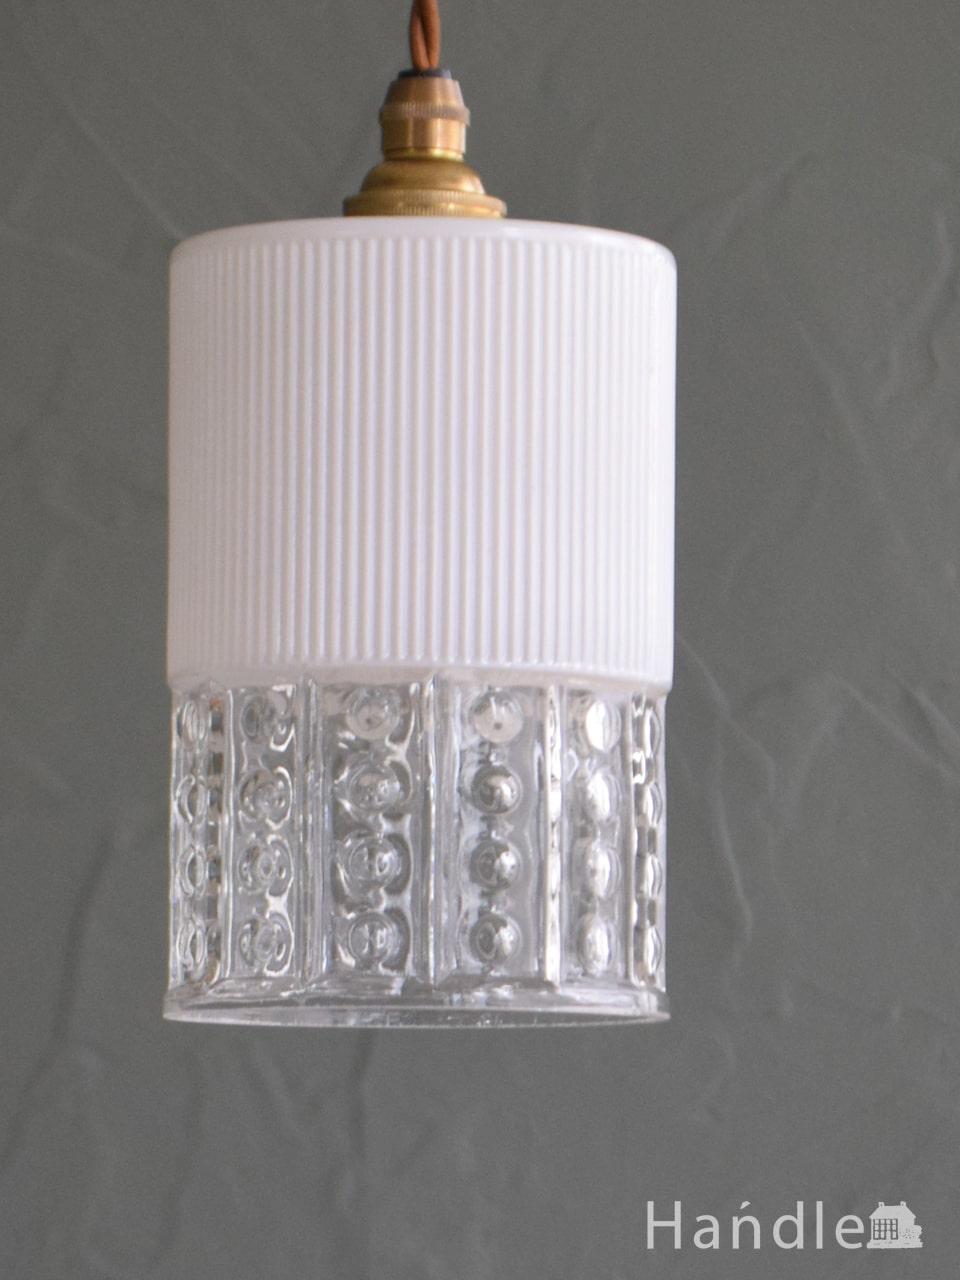 イギリスの照明、水玉模様が輝くアンティークペンダントライト(コード・シャンデリア電球・ギャラリーなし) (k-4639-z)